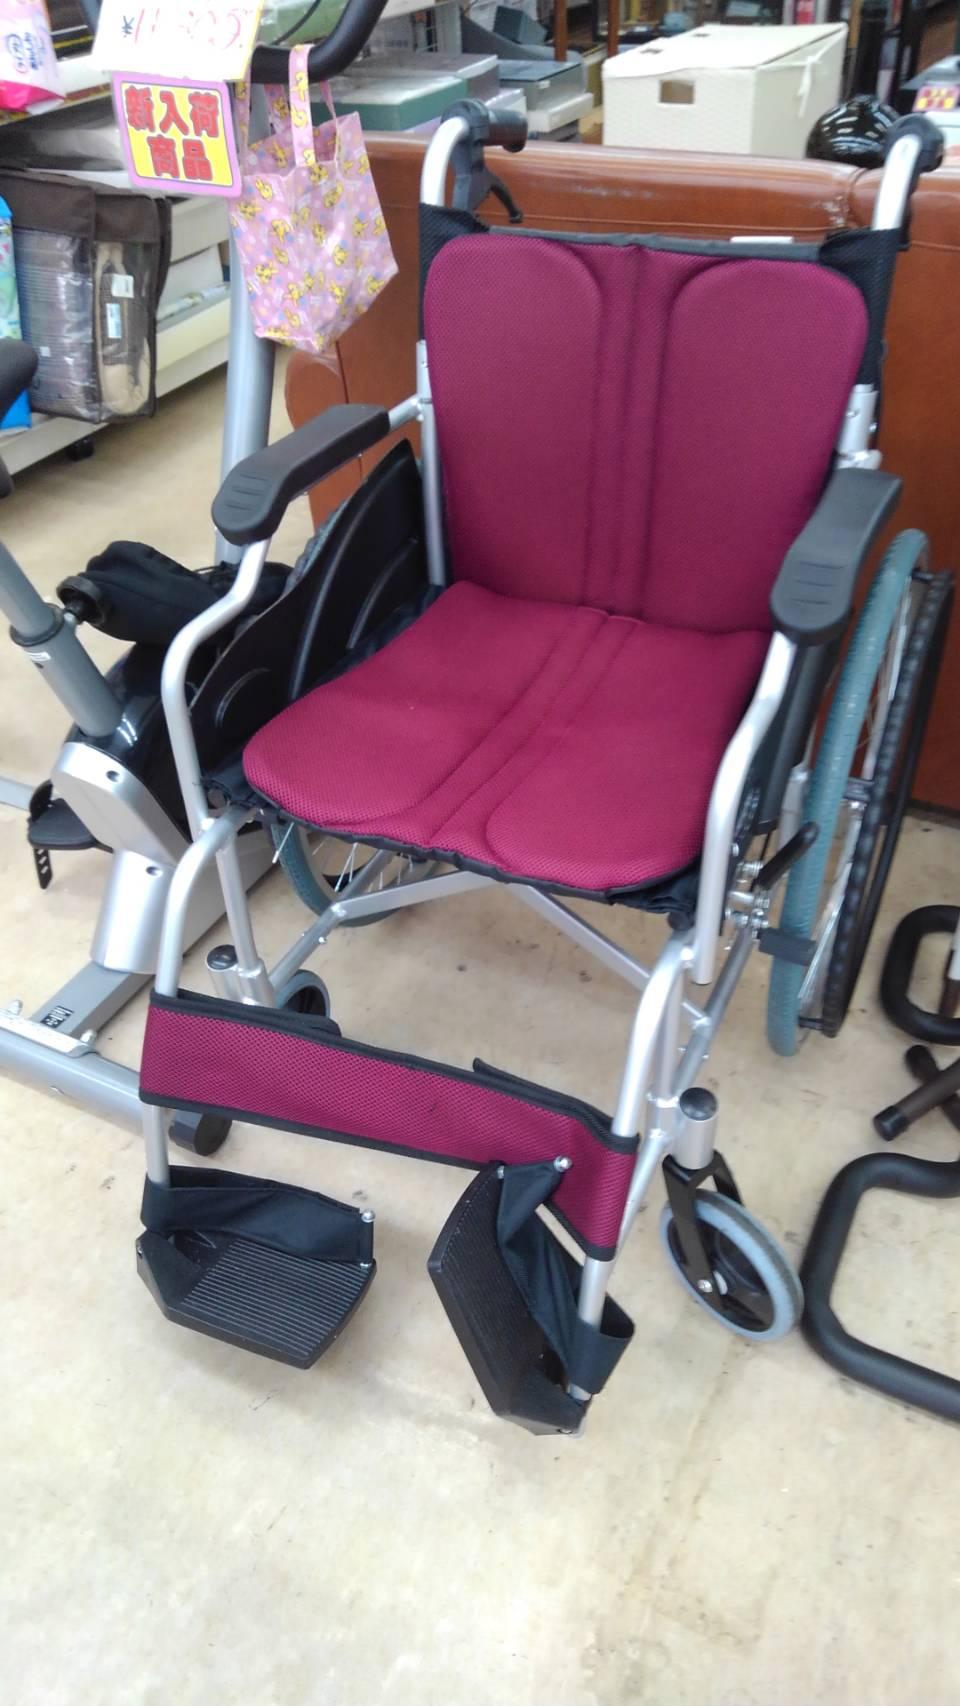 【車椅子 車イス 介護用品 歩行者 歩行補助 折りたたみ】買い取り致しました! の買取-